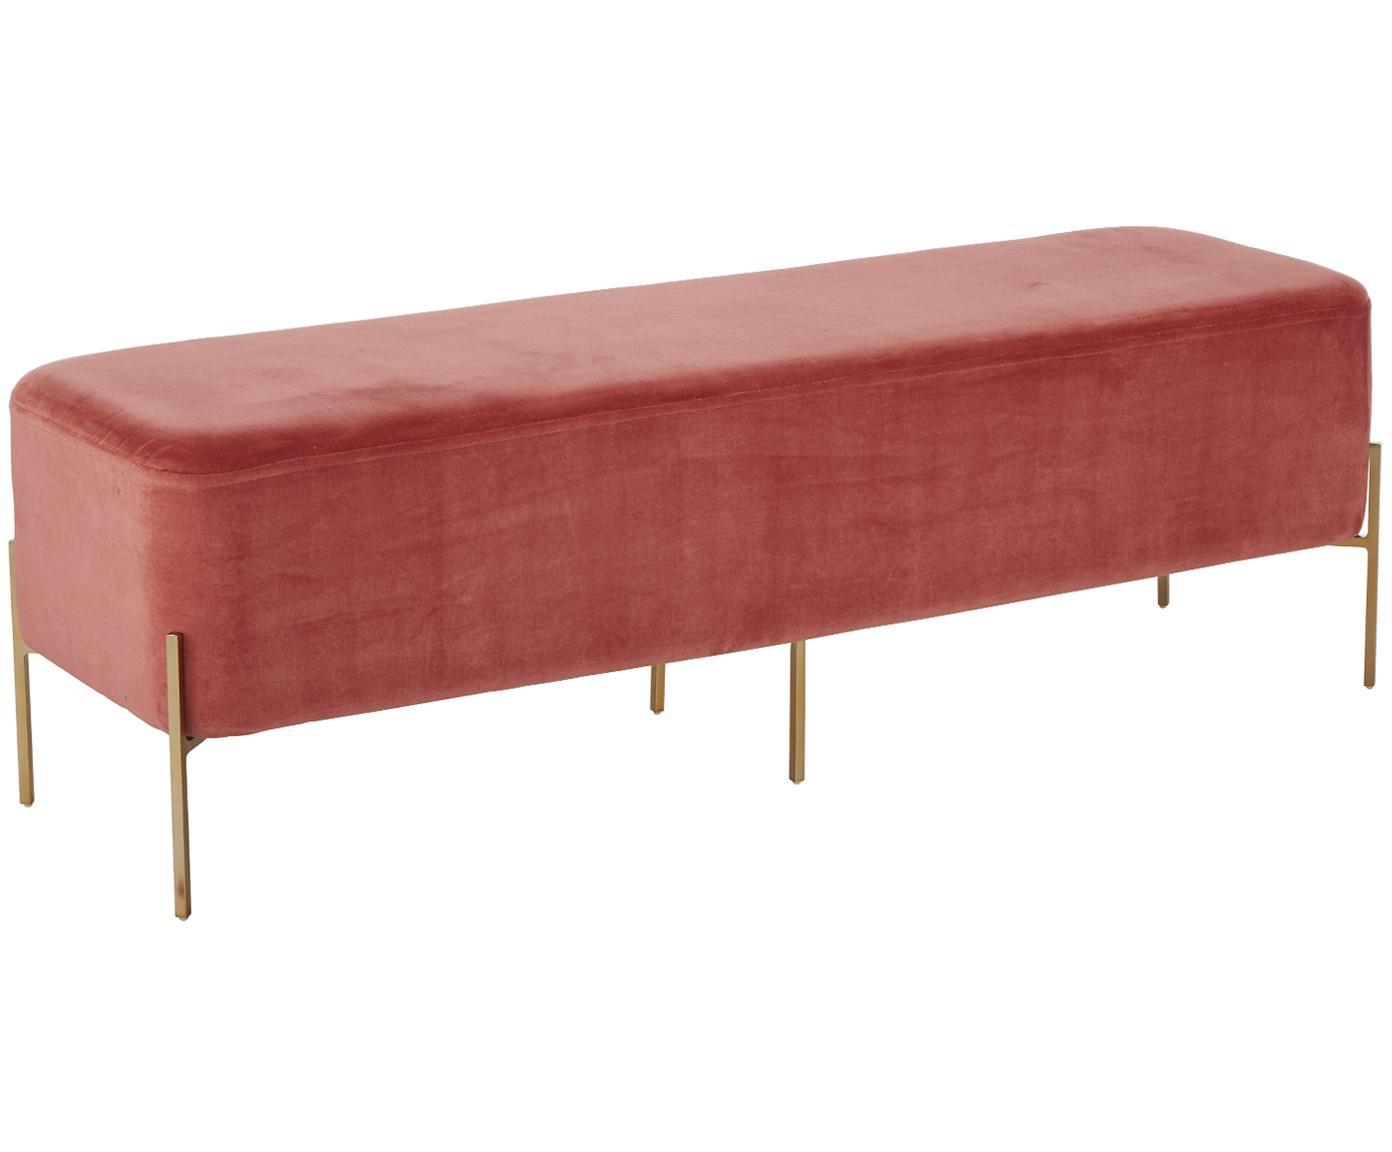 Fluwelen bank Harper, Bekleding: katoenfluweel, Poten: gepoedercoat metaal, Bekleding: terracotta. Poten: mat goudkleurig, 140 x 45 cm